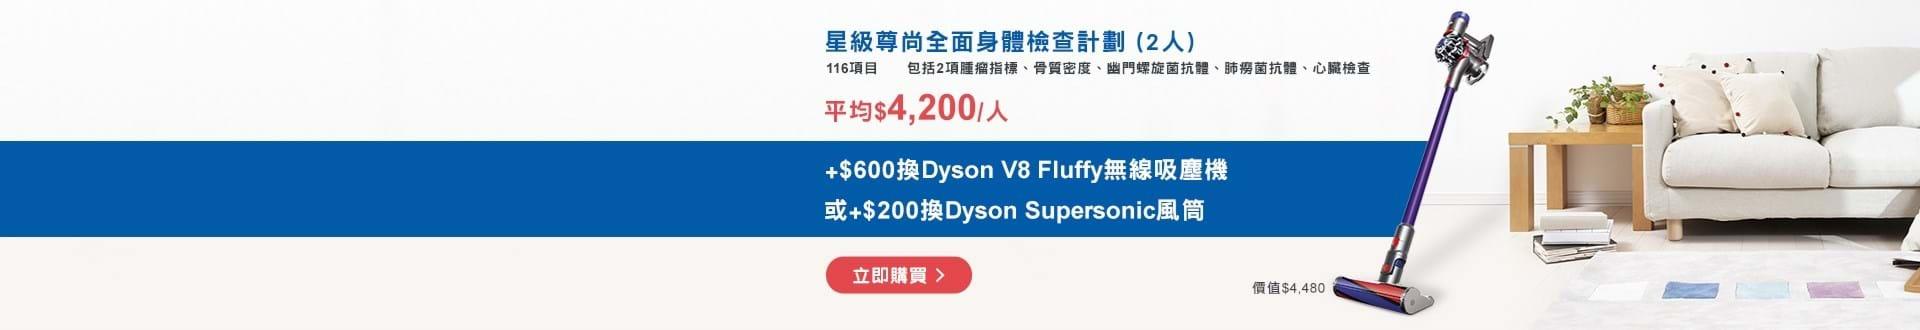 6May_dysonv8fluffy